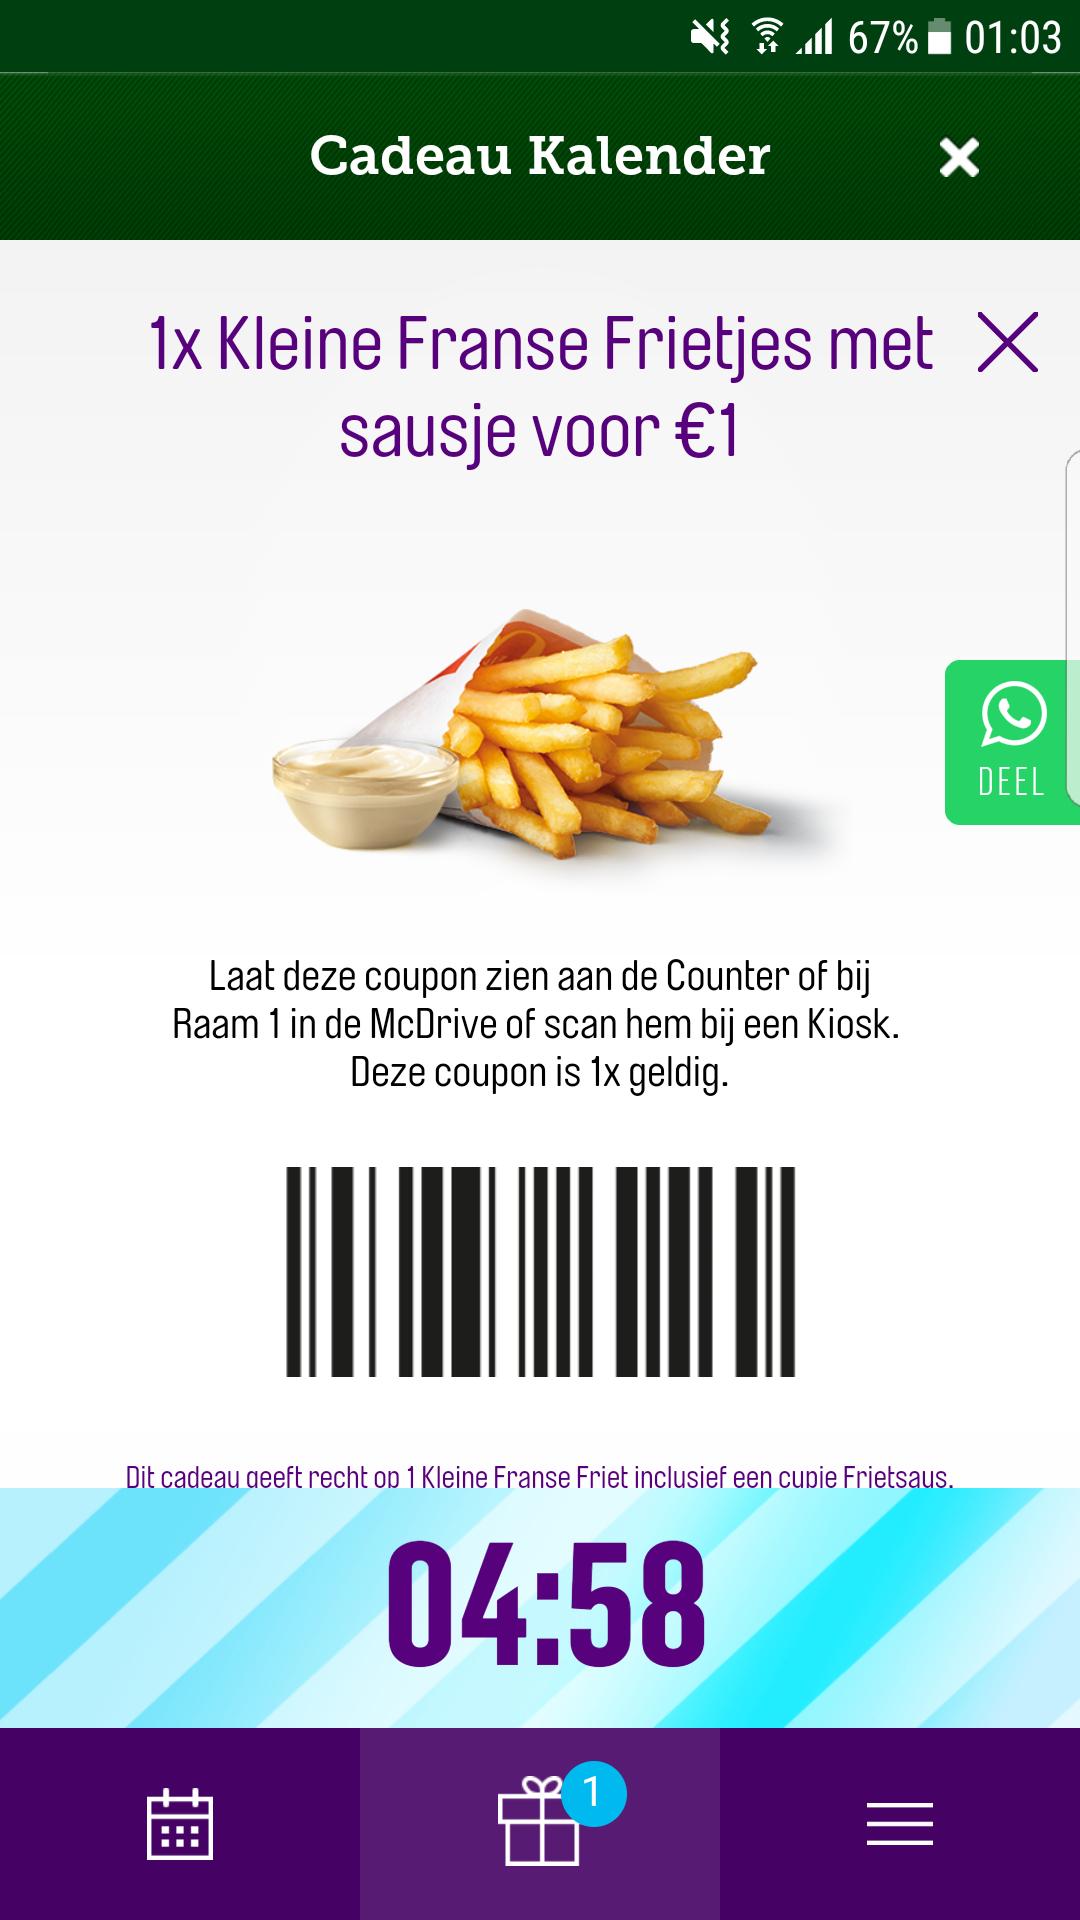 1 kleine friet met saus voor €1